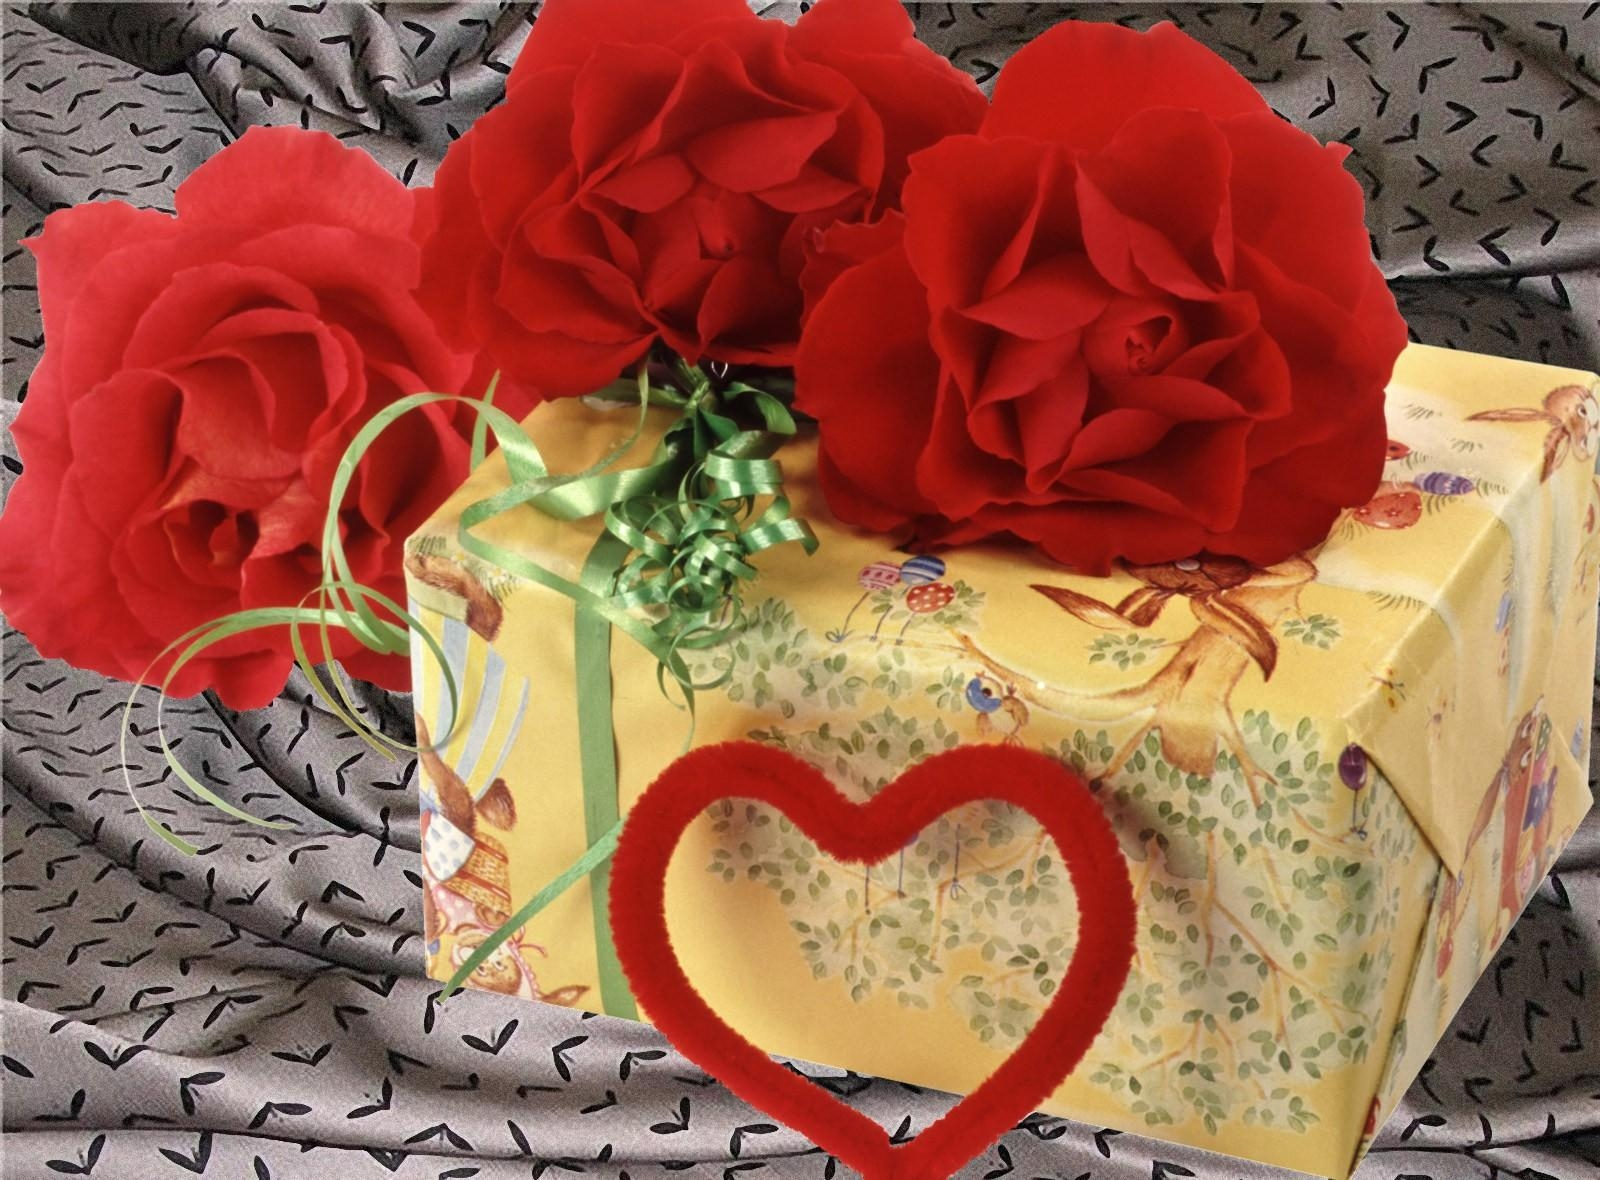 132133 Заставки и Обои Гвоздики на телефон. Скачать Праздники, Гвоздики, Подарок, Сердце, День Святого Валентина картинки бесплатно